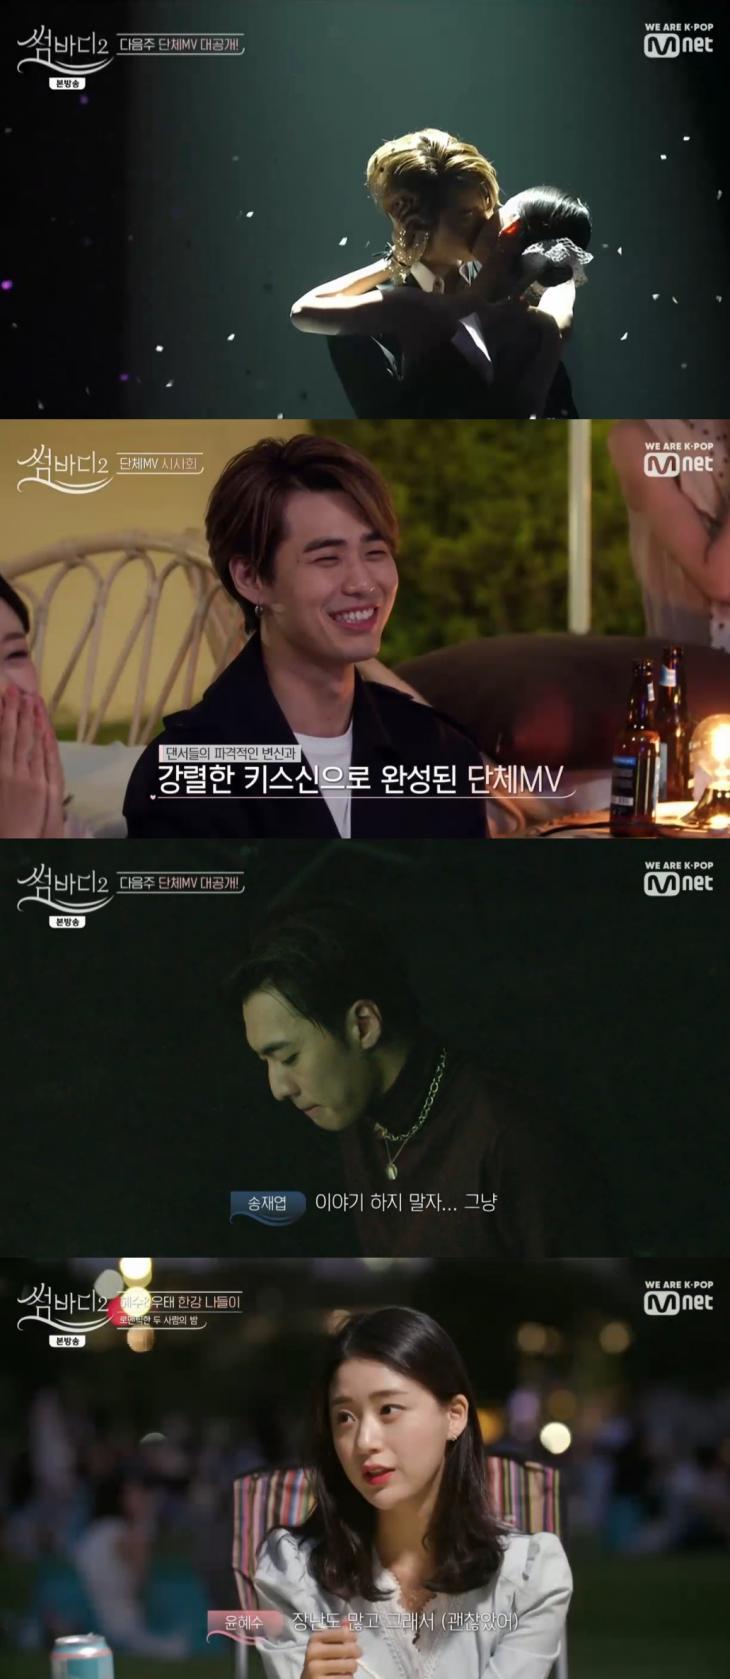 Mnet 예능프로그램 '썸바디2'